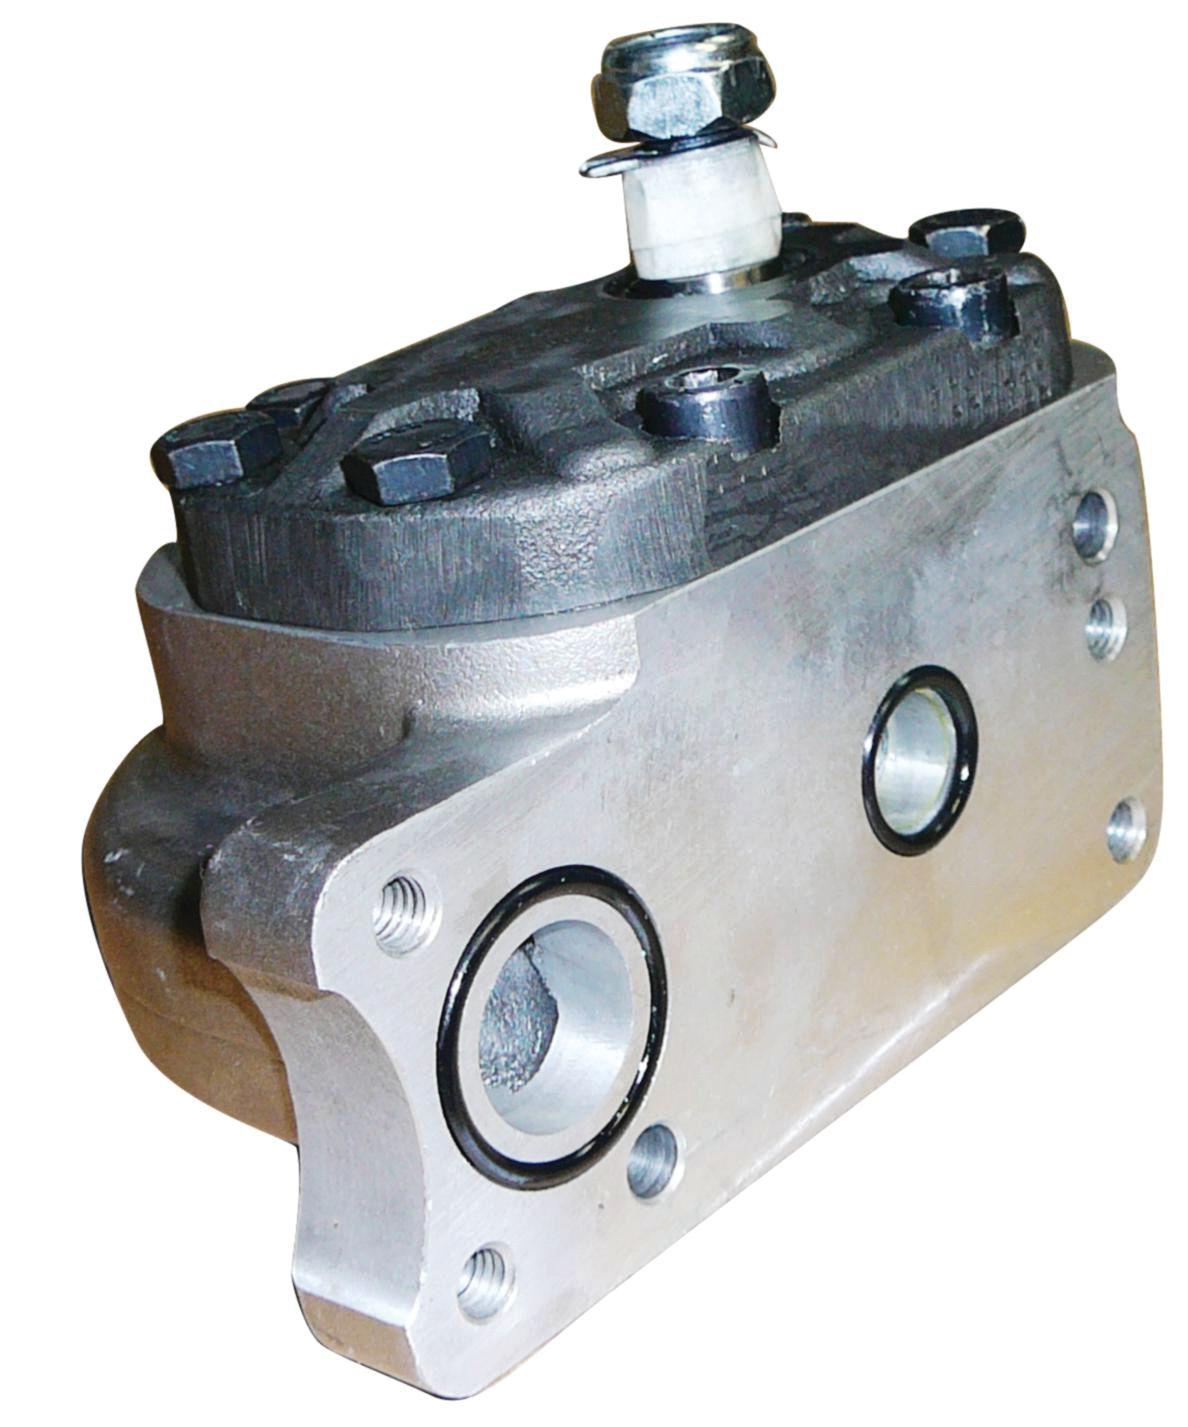 CASE PUMP - POWER STEERING 65453